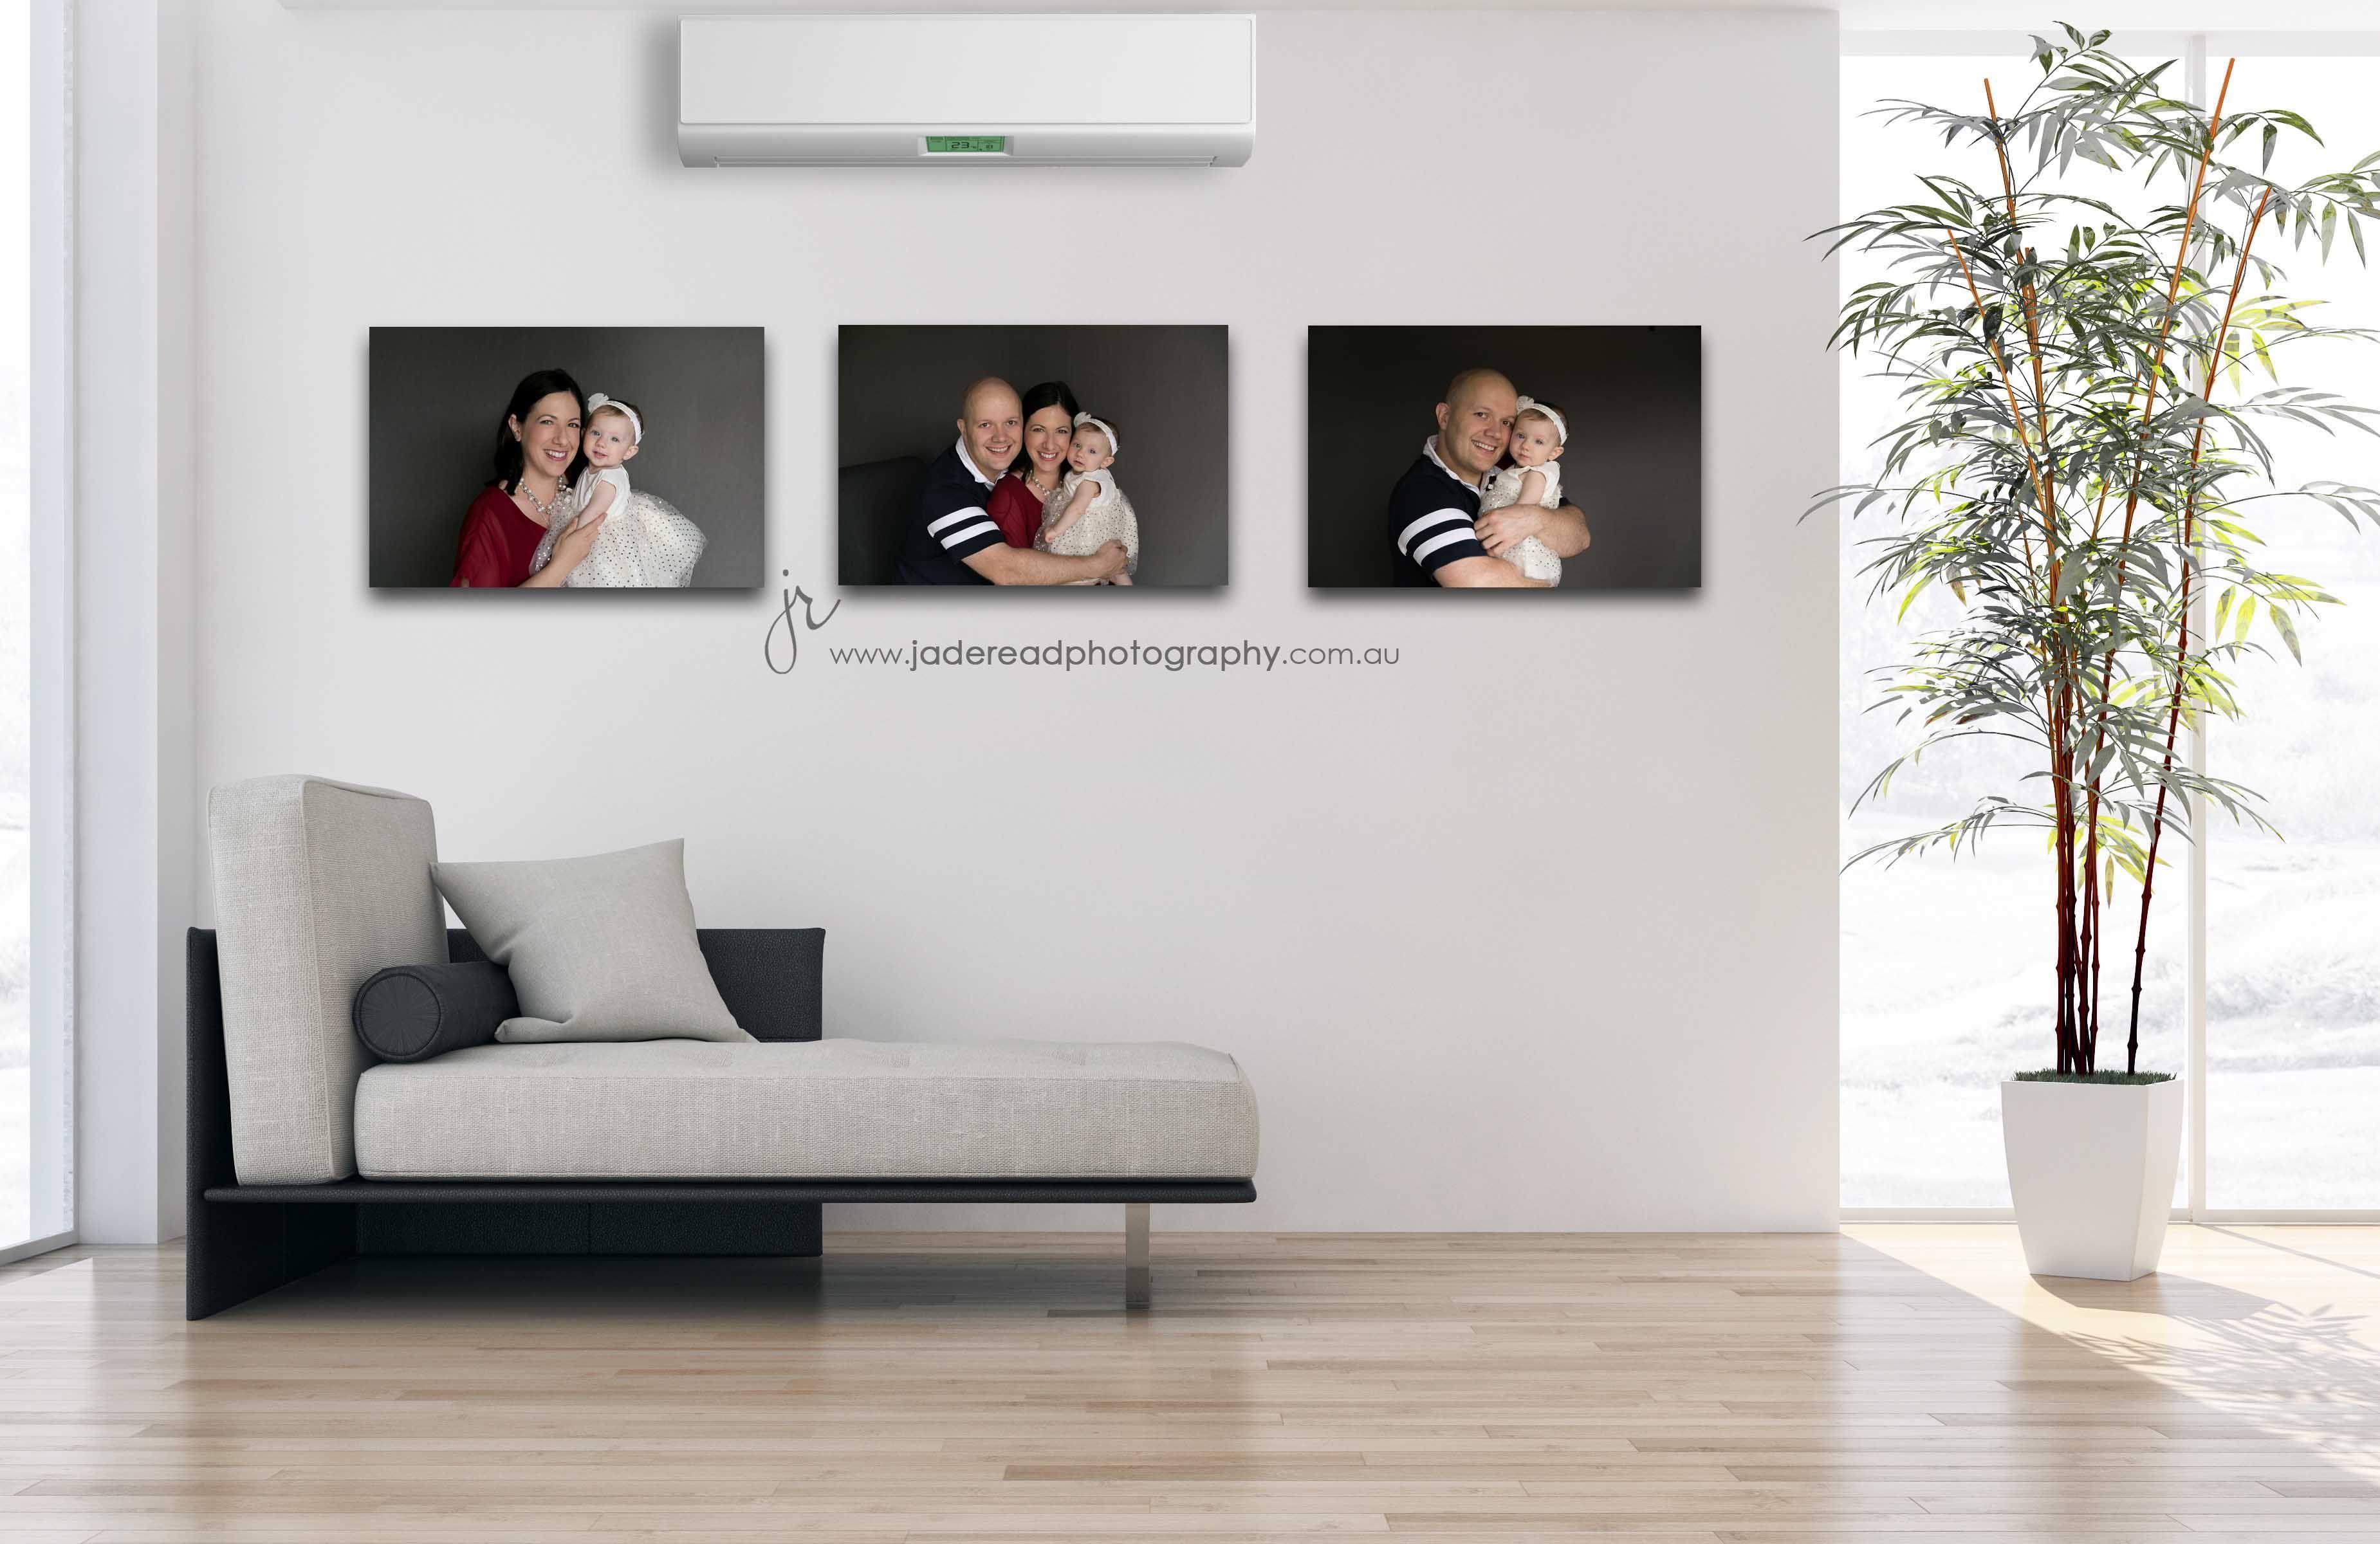 Living Room Portrait Wall Art. Family Photography, Family Portraits, Family  Photos. Photography